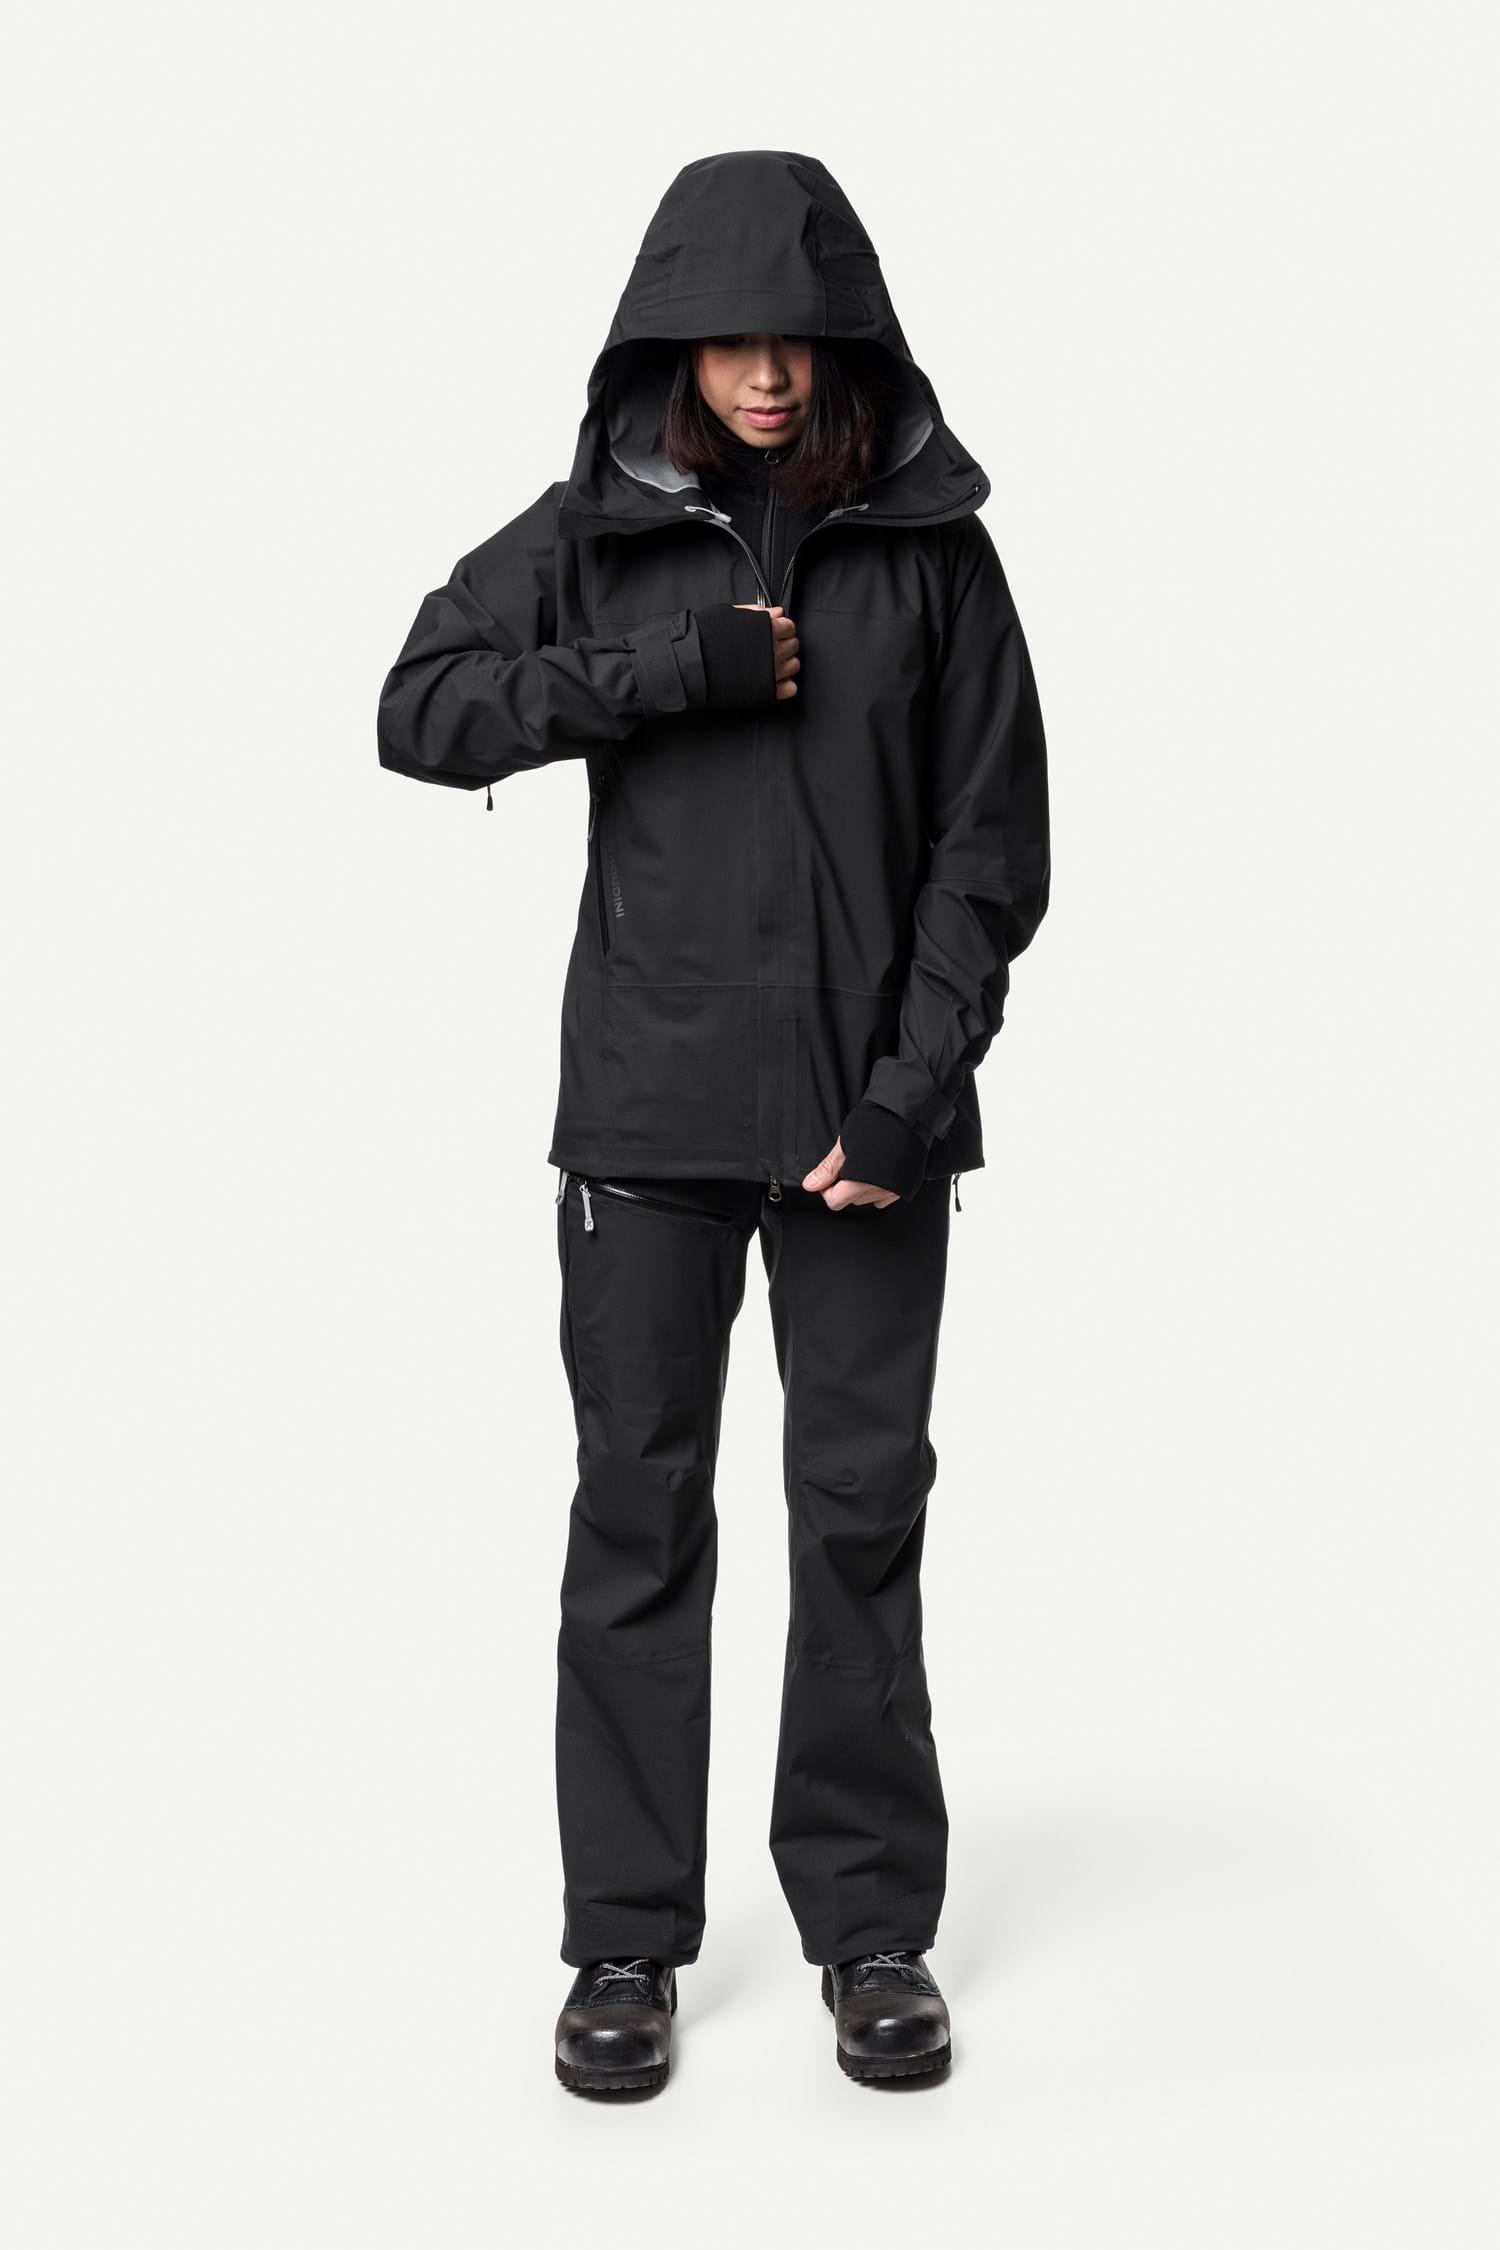 BFF Jacket & Pants for Women & Men @HoudiniSportswear